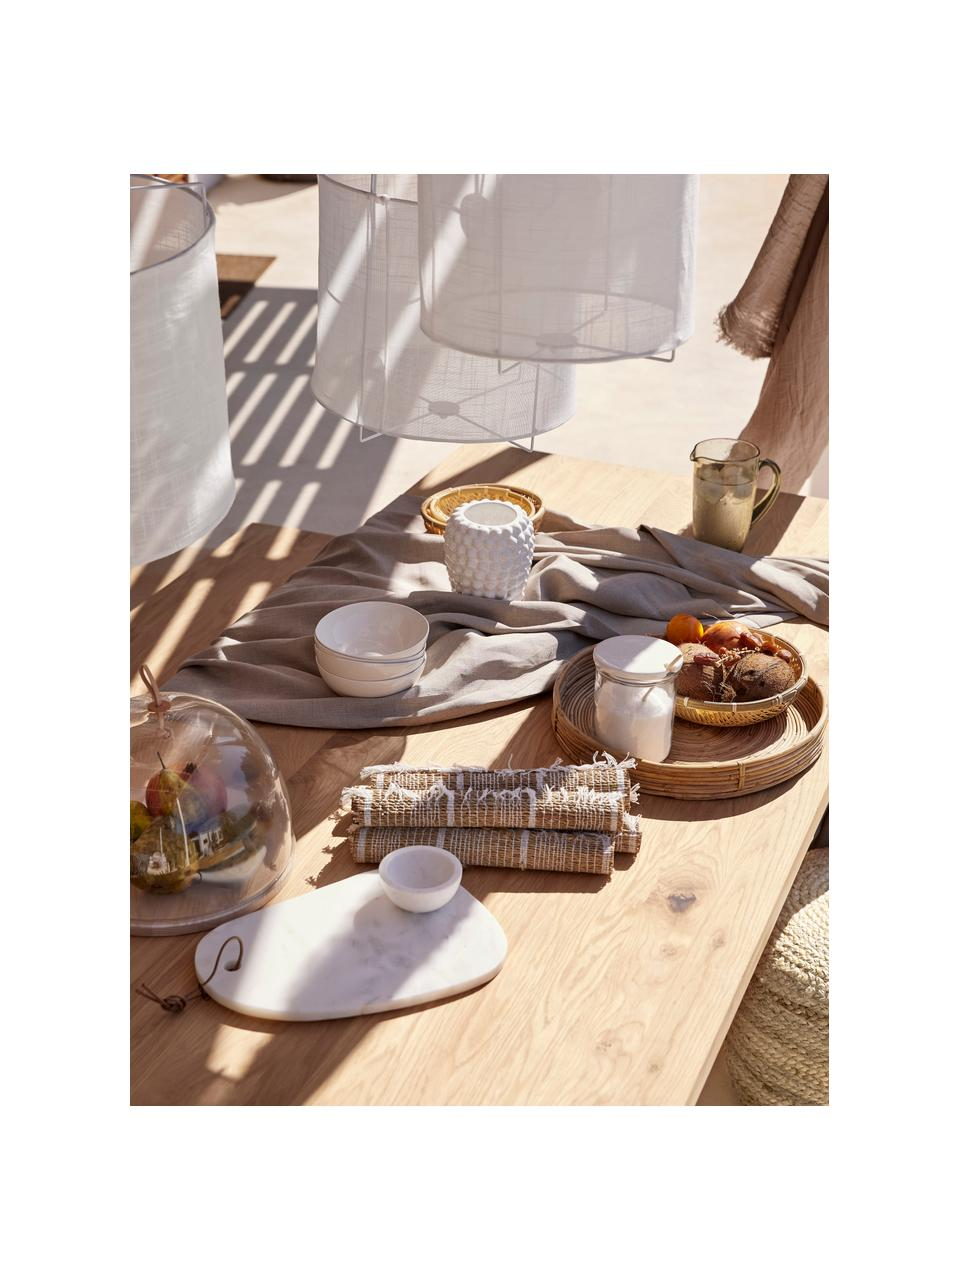 Tavolo con piano in legno massello Oliver, Piano del tavolo: Doghe di quercia selvatic, Quercia selvatica, acciaio inossidabile, Larg. 200 x Prof. 100 cm